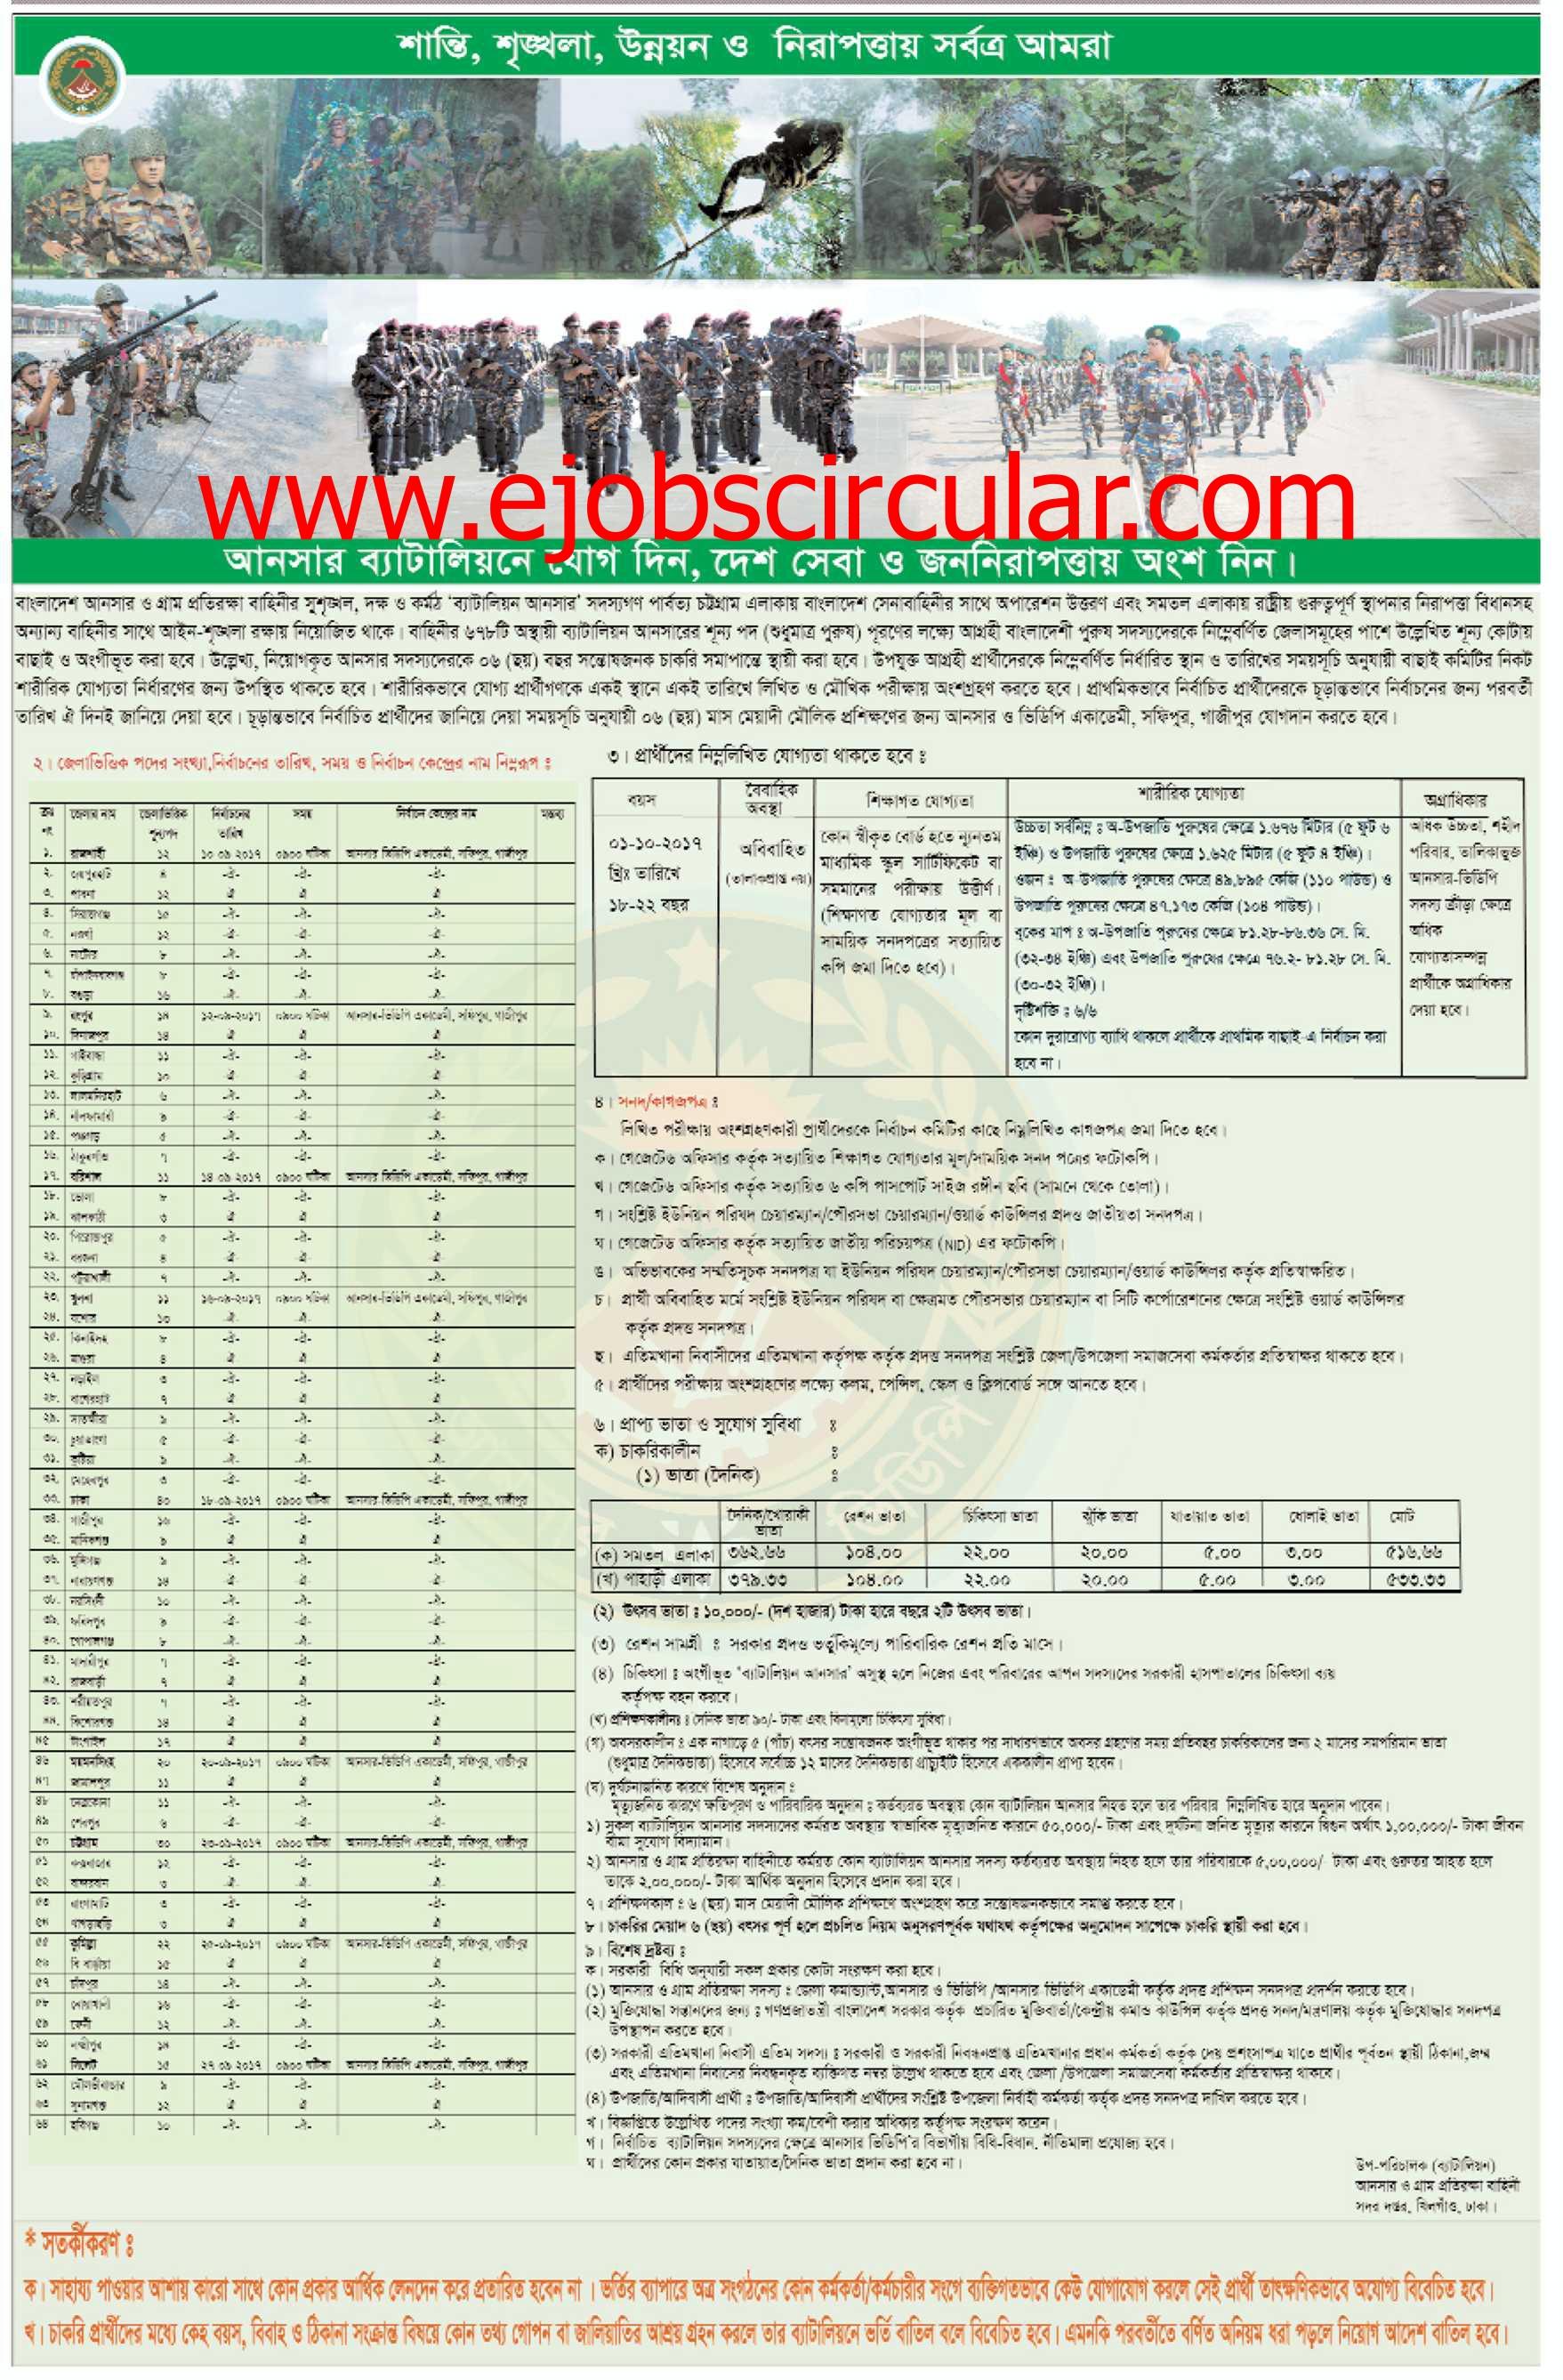 Ansar VDP Job Circular